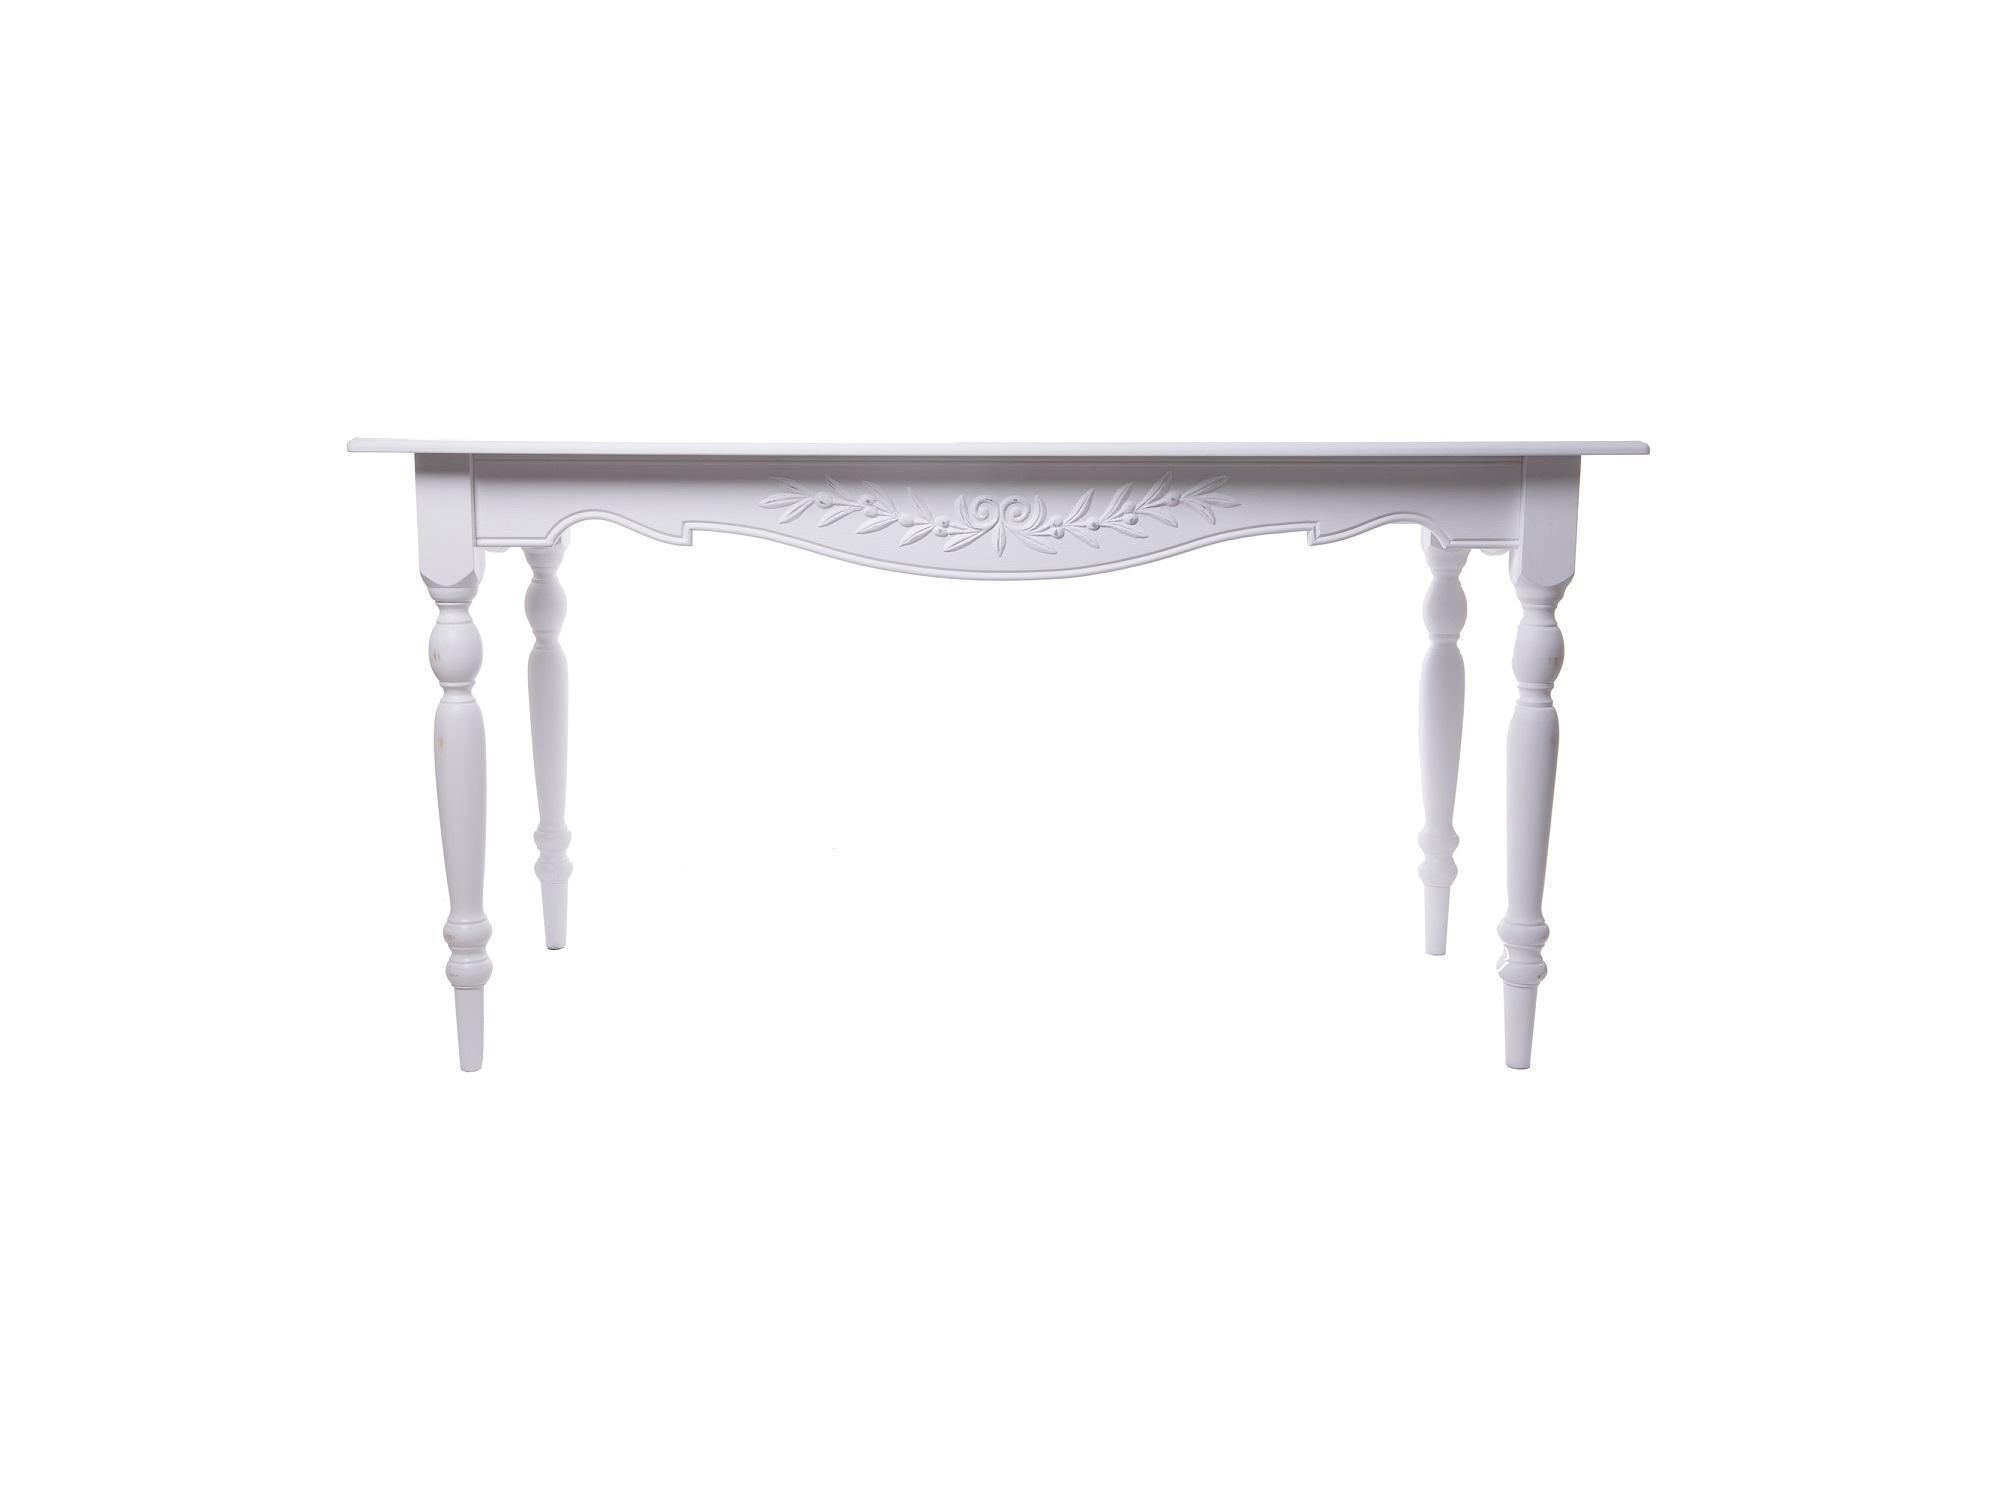 Стол Снежный ПровансОбеденные столы<br>Коллекция изготовлена из массива бука (каркасы и точеные элементы мебели) и из высококачественного МДФ (филенчатые части) и соответствует немецким стандартам для детской мебели.<br>Мебель &amp;quot;Снежный Прованс&amp;quot; имеет плавные изогнутые формы и украшена потертым вручную декором в виде оливковой ветви.&amp;amp;nbsp;<br><br>Material: Бук<br>Ширина см: 150.0<br>Высота см: 78.0<br>Глубина см: 70.0